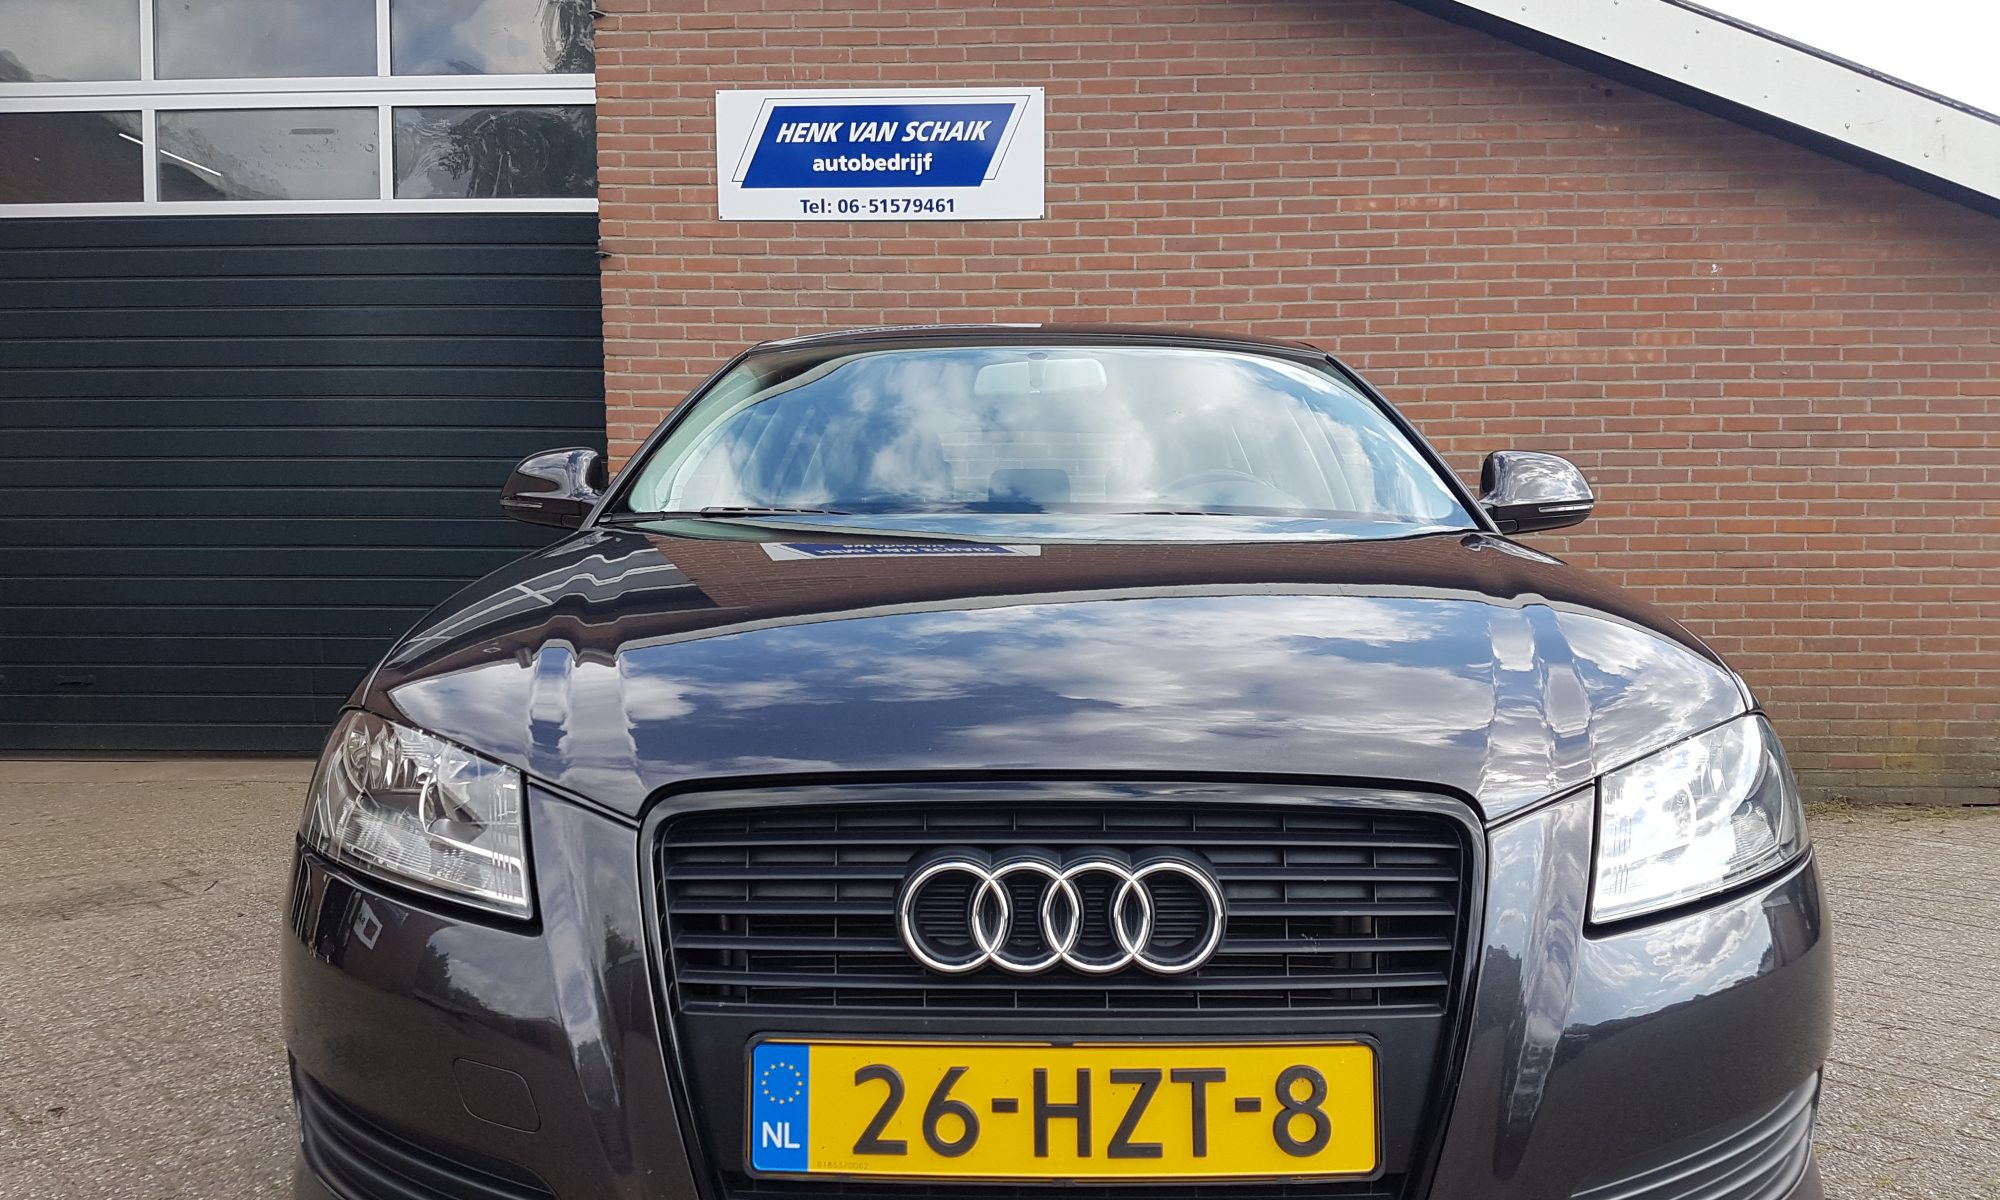 Autobedrijf Henk van Schaik